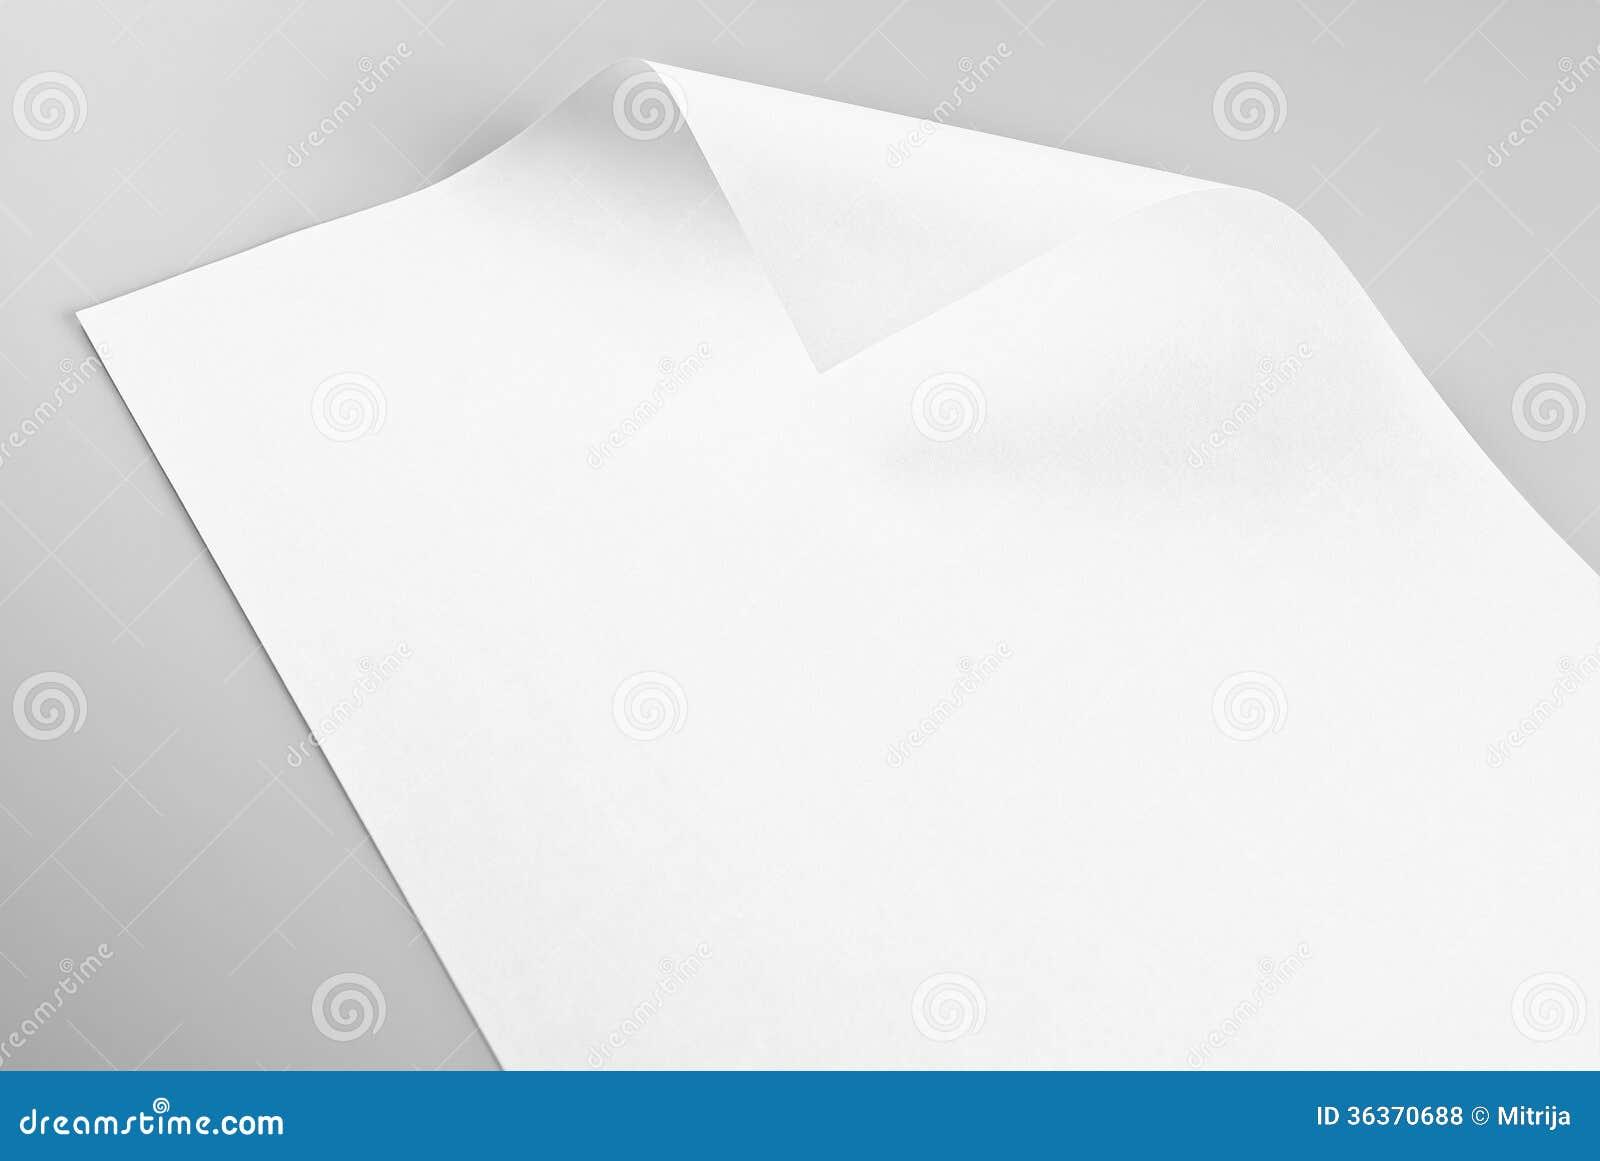 Foglio bianco di carta con l 39 angolo arricciato fotografia - Foglio laminato bianco ...